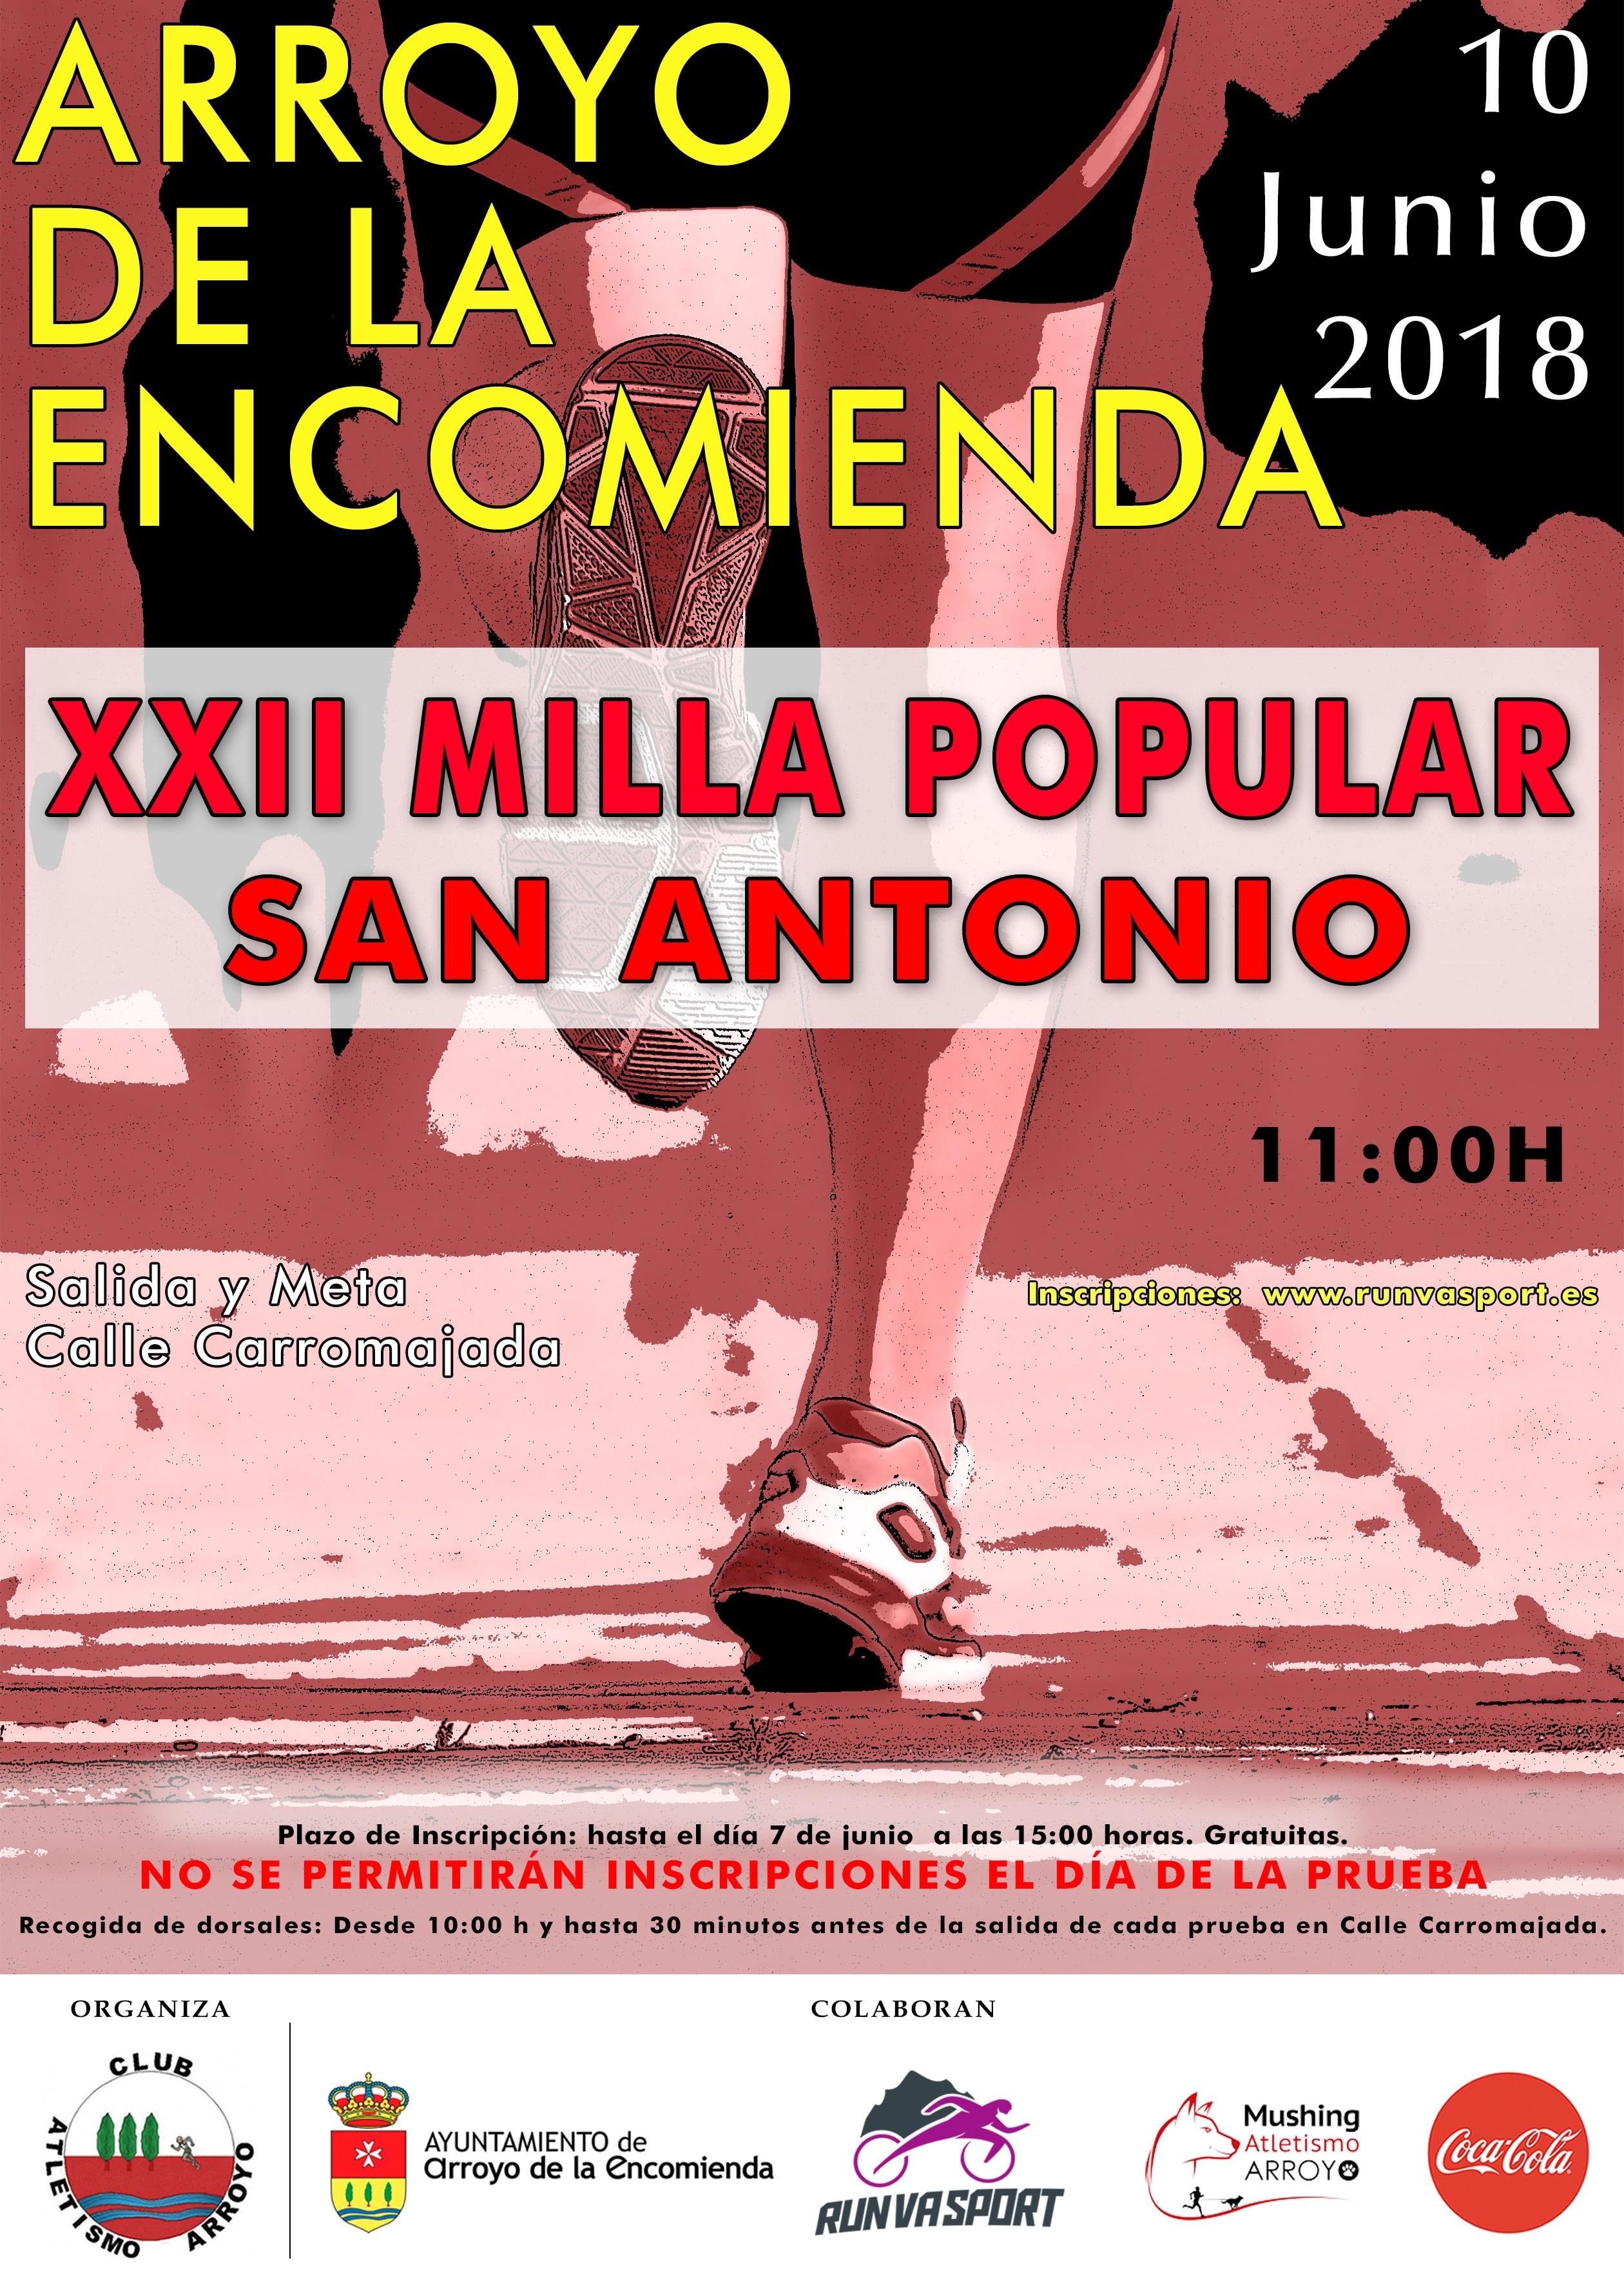 XXII Milla Popular San Antonio - Arroyo De La Encomienda